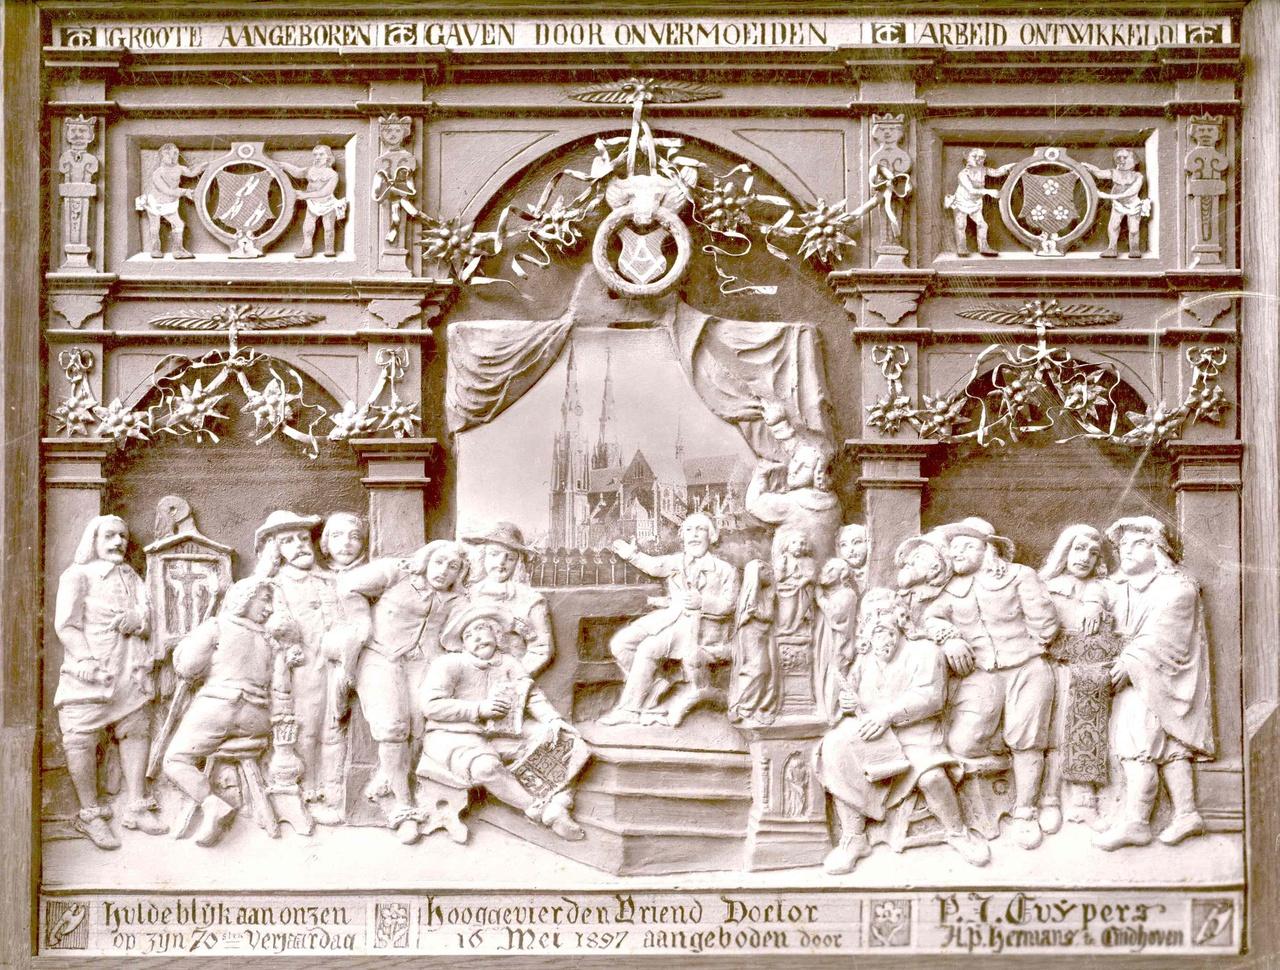 Foto van een plaquette symboliserend een huldeblijk voor Dr. P.J.H. Cuypers